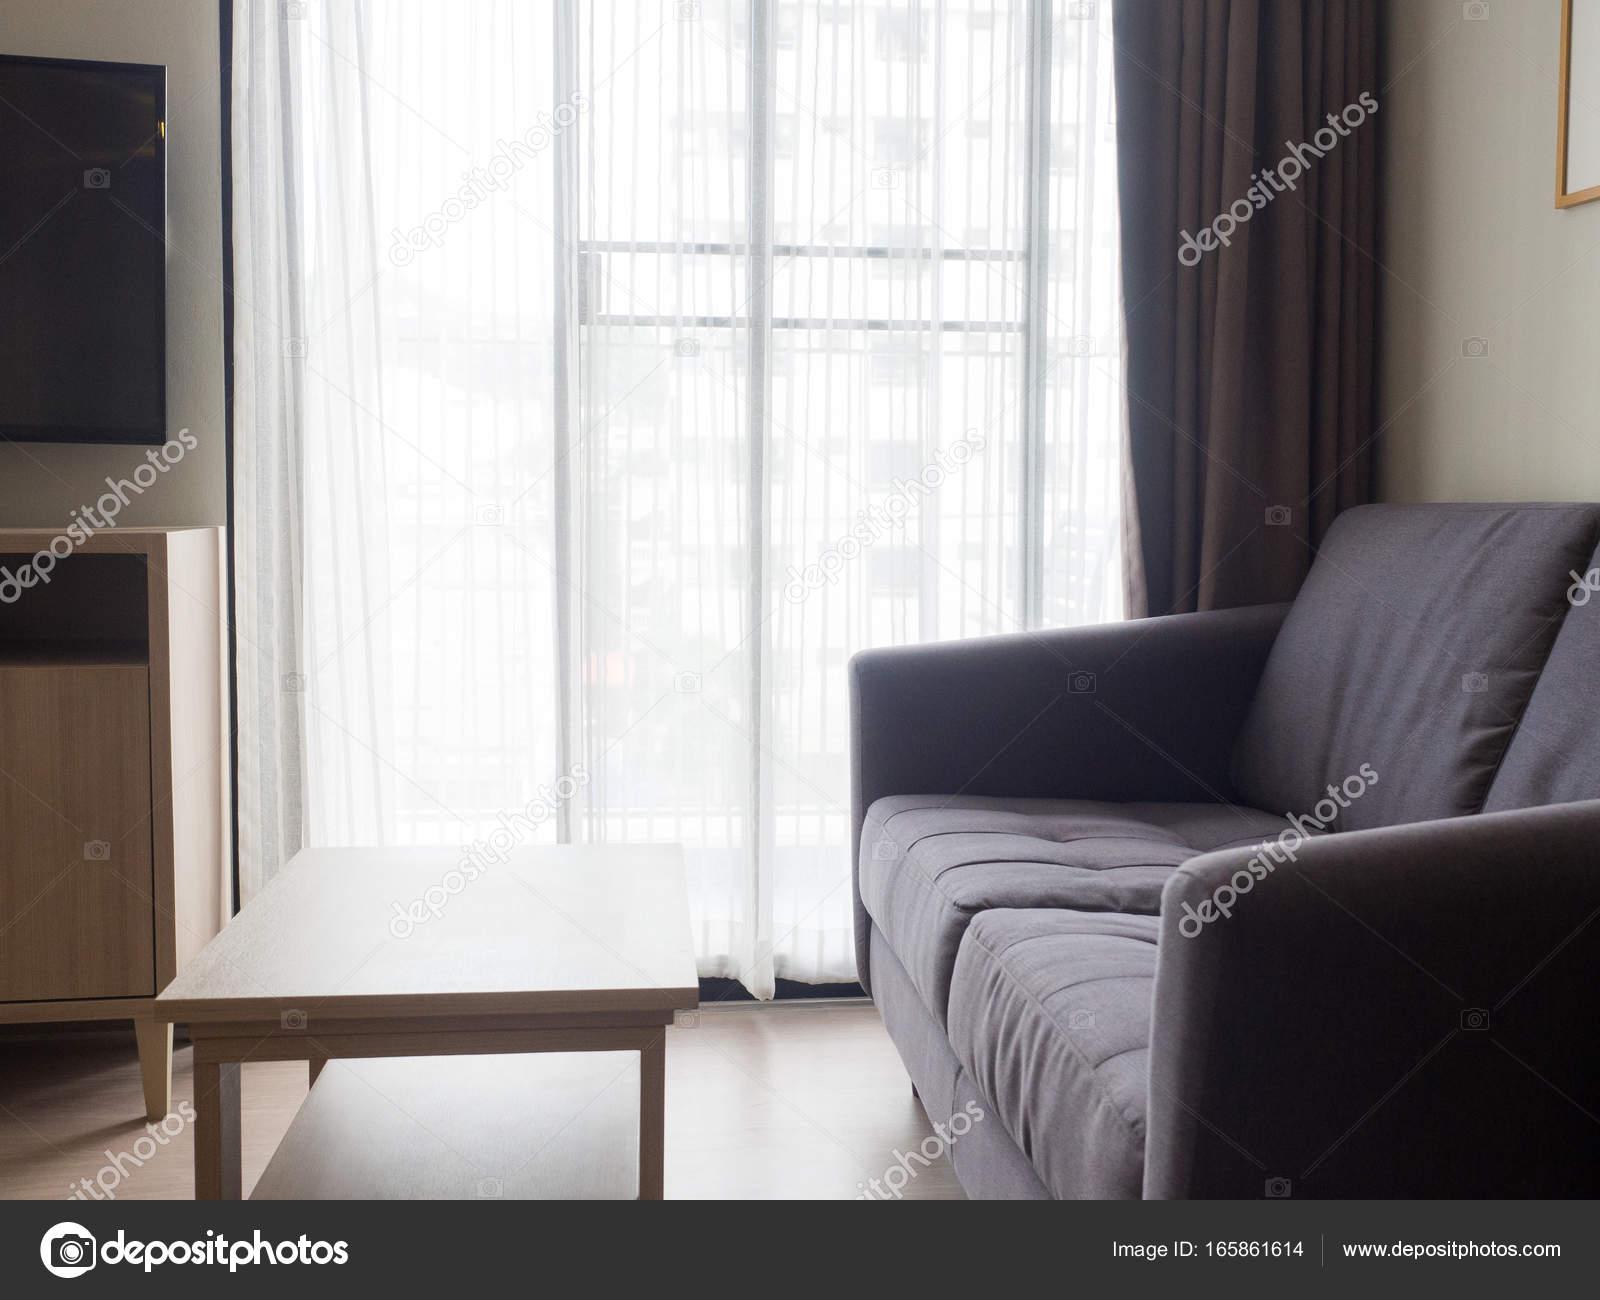 Gemütliches, Stilvolles Wohnzimmer Mit Sofa Set. Modernes Wohnzimmer Mit  Sofa Und Möbel U2014 Foto Von Anon Tae